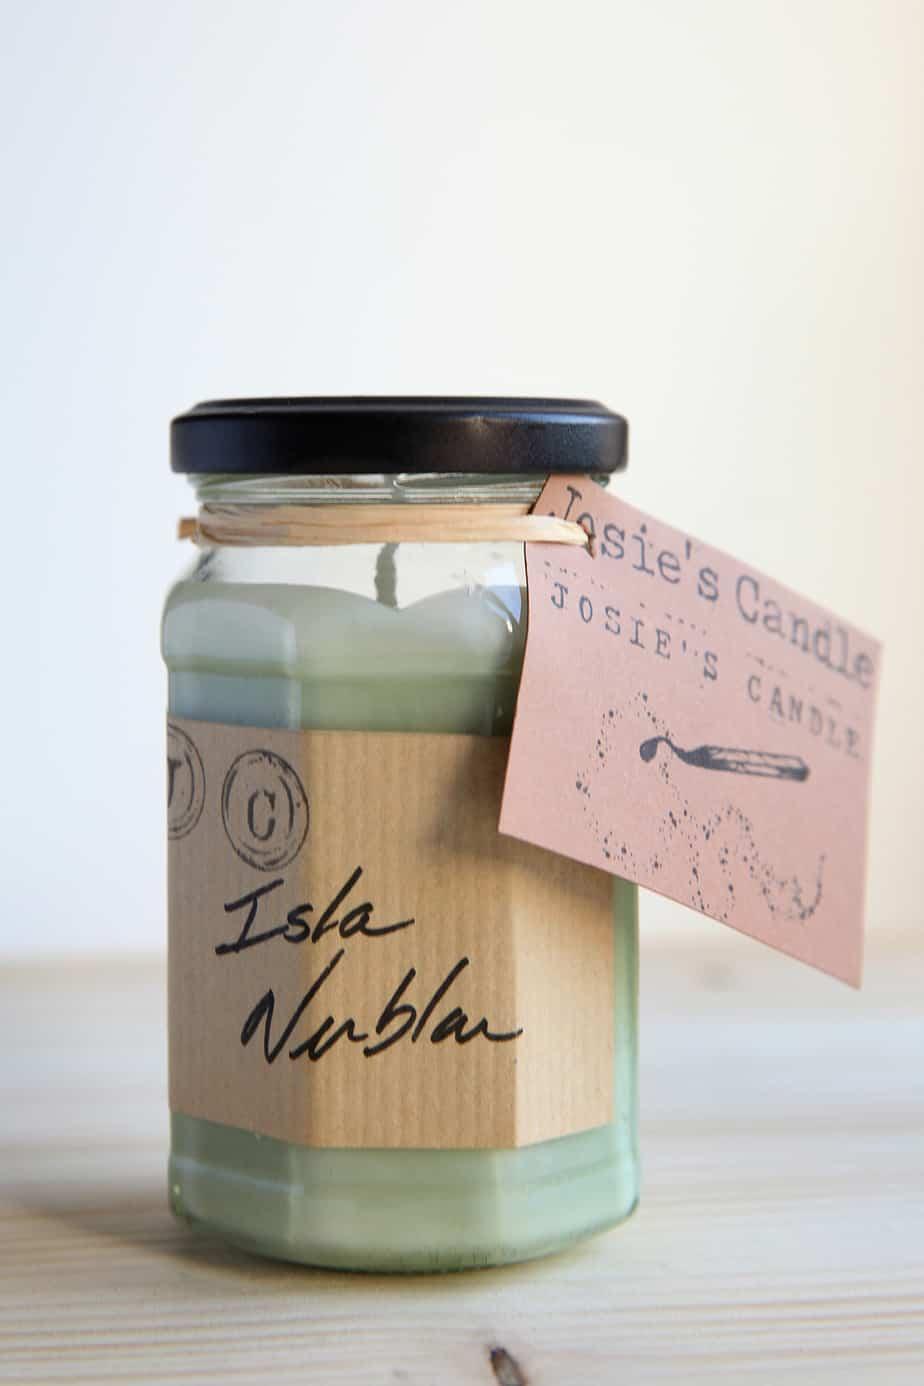 bougie vegan isla nublar josiescandle jurassic park - 10 idées de cadeaux déco à offrir pour Noël